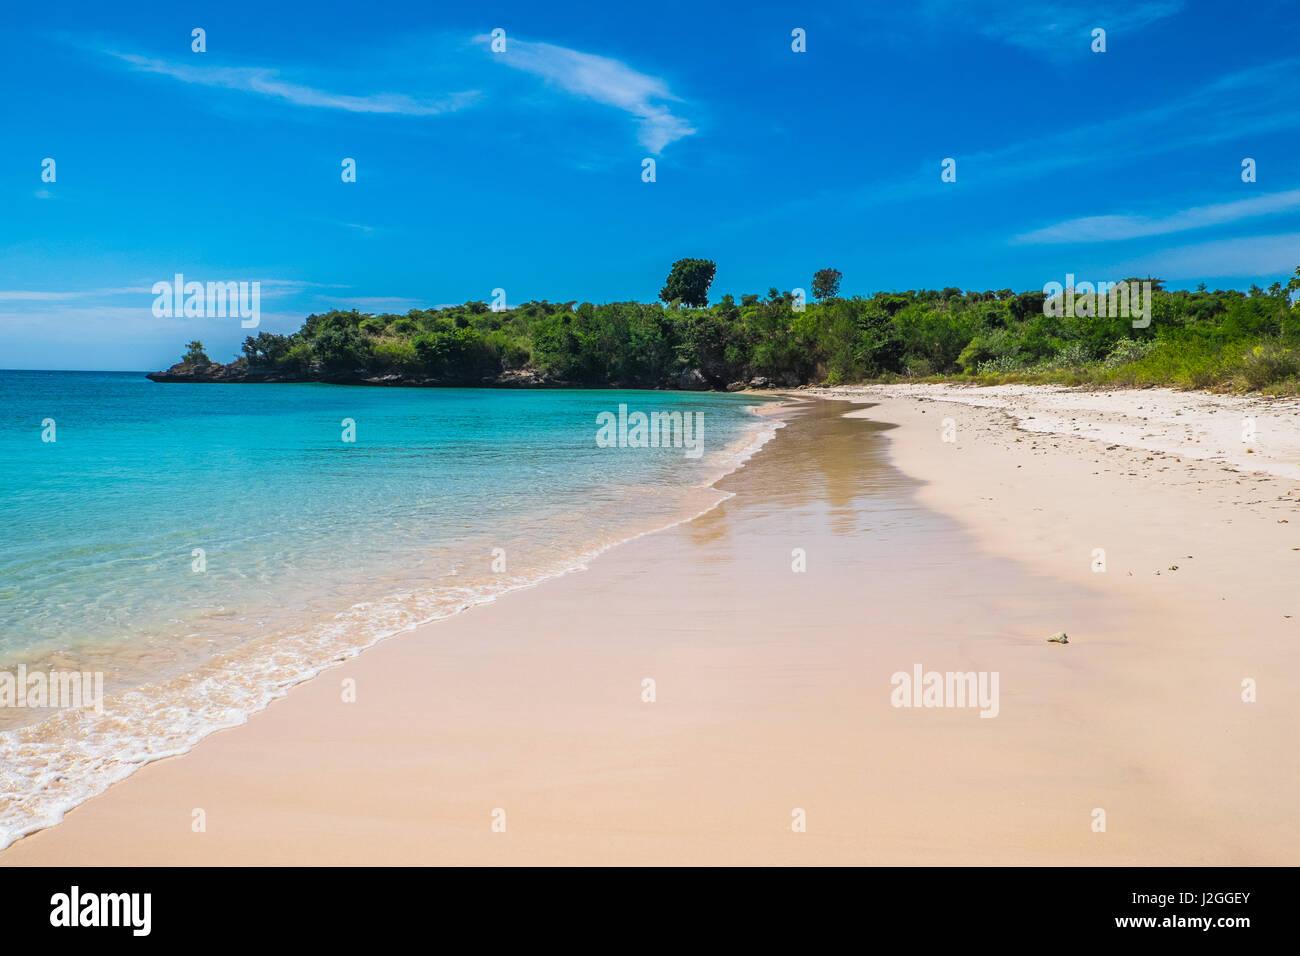 Playa exótica en algunas islas remotas fuera de Lombok, Indonesia. Foto de stock